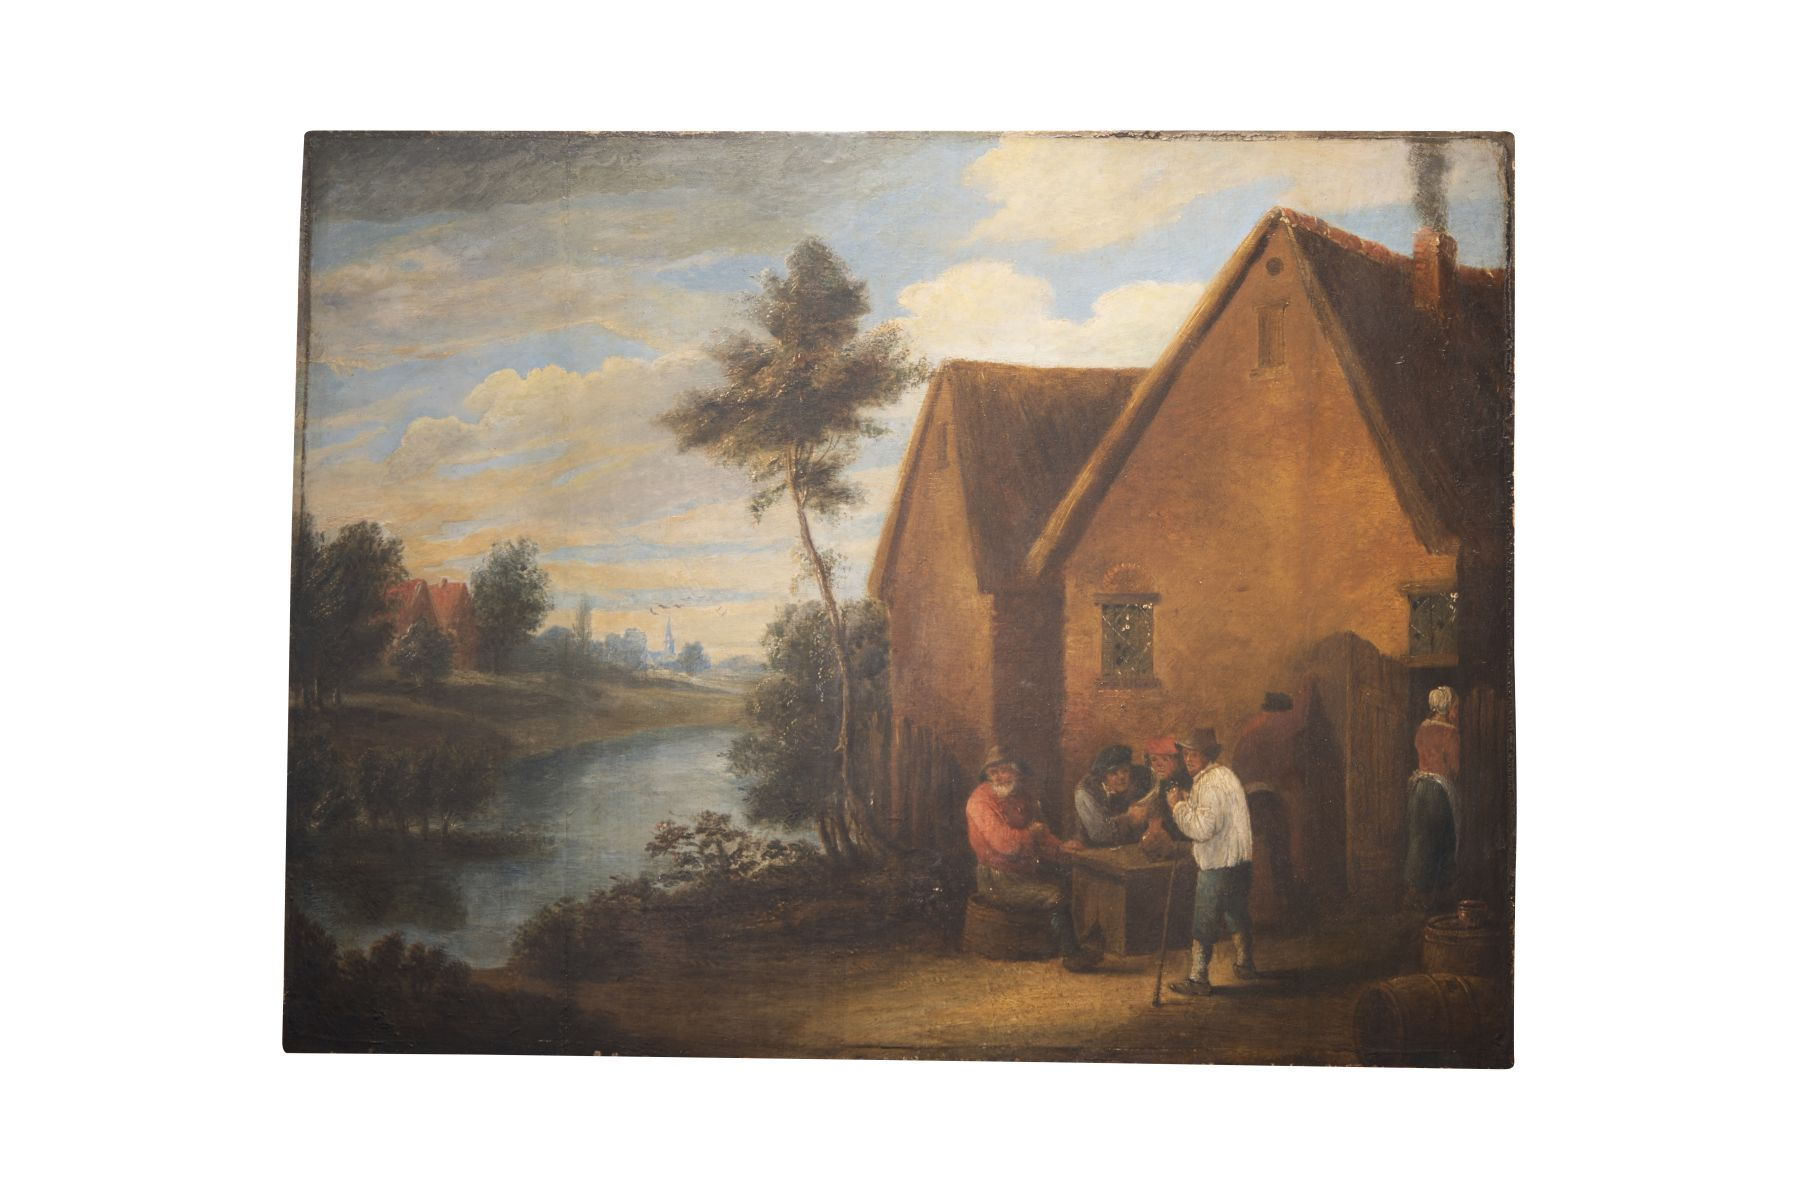 #117 Artist in the style of the 17th century Dutch | Künstler in der Art der Holländer des 17. Jahrhundert Image